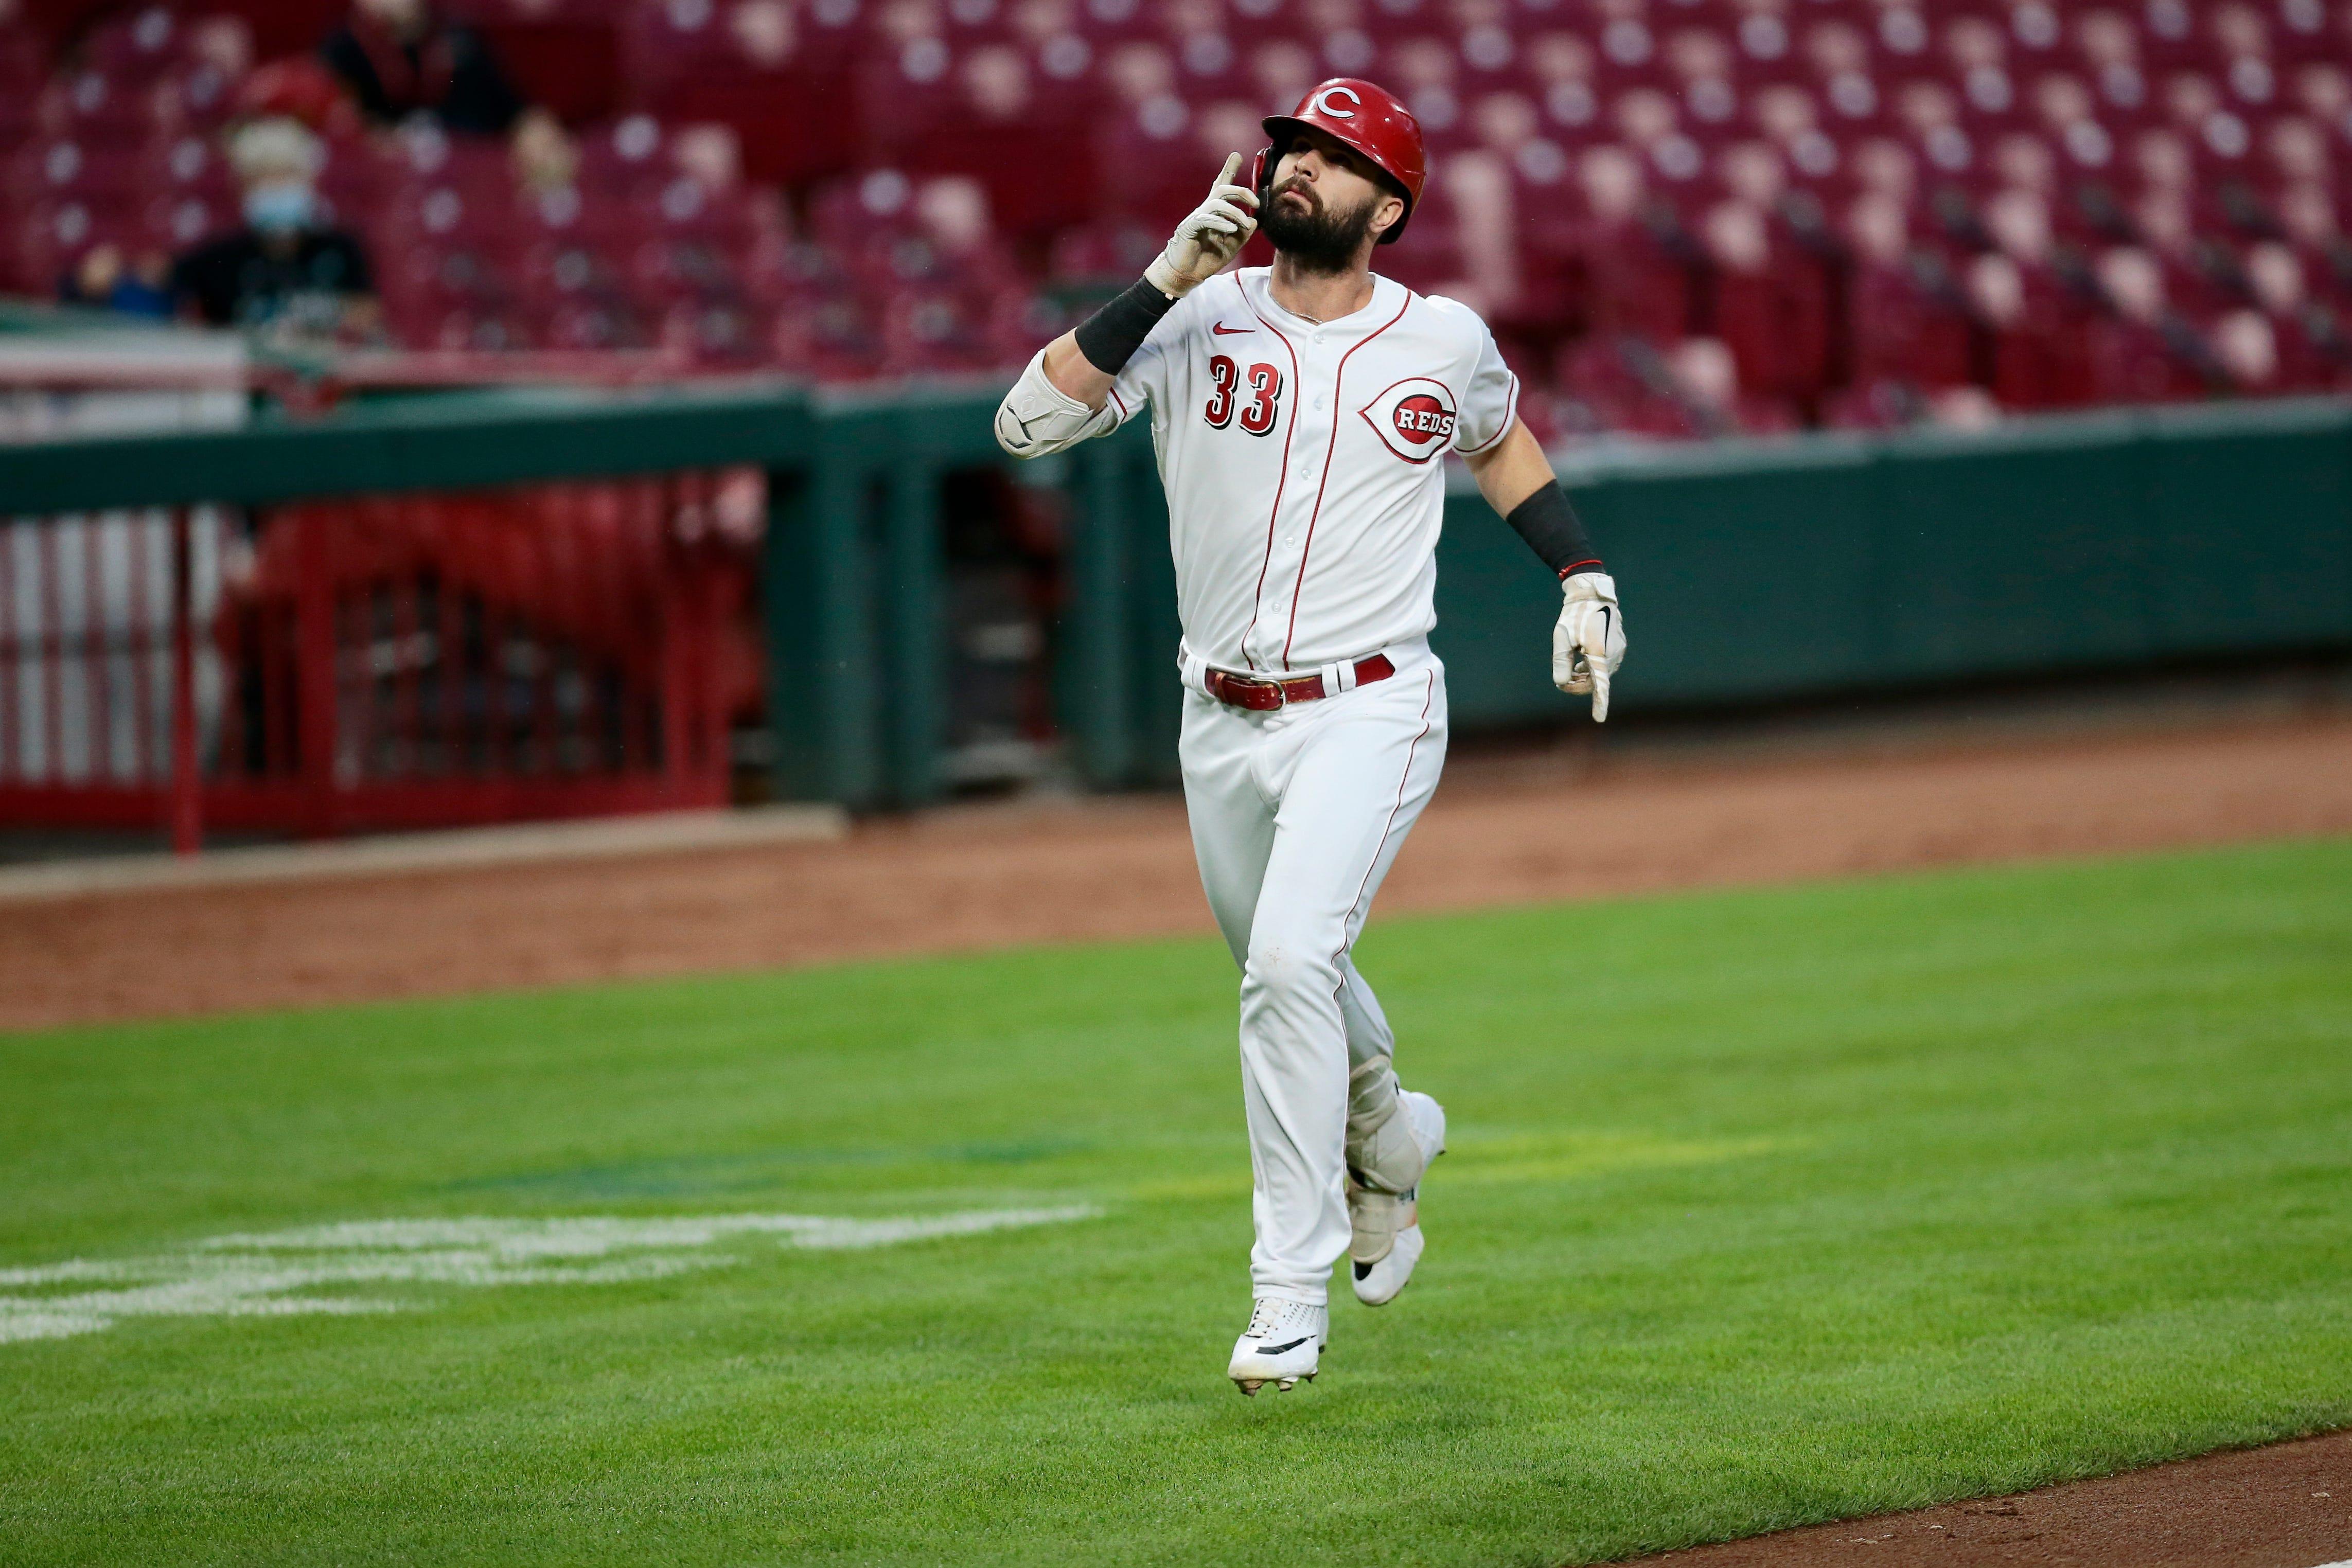 Jesse Winker: Outfielder led Cincinnati Reds in hitting in 2020